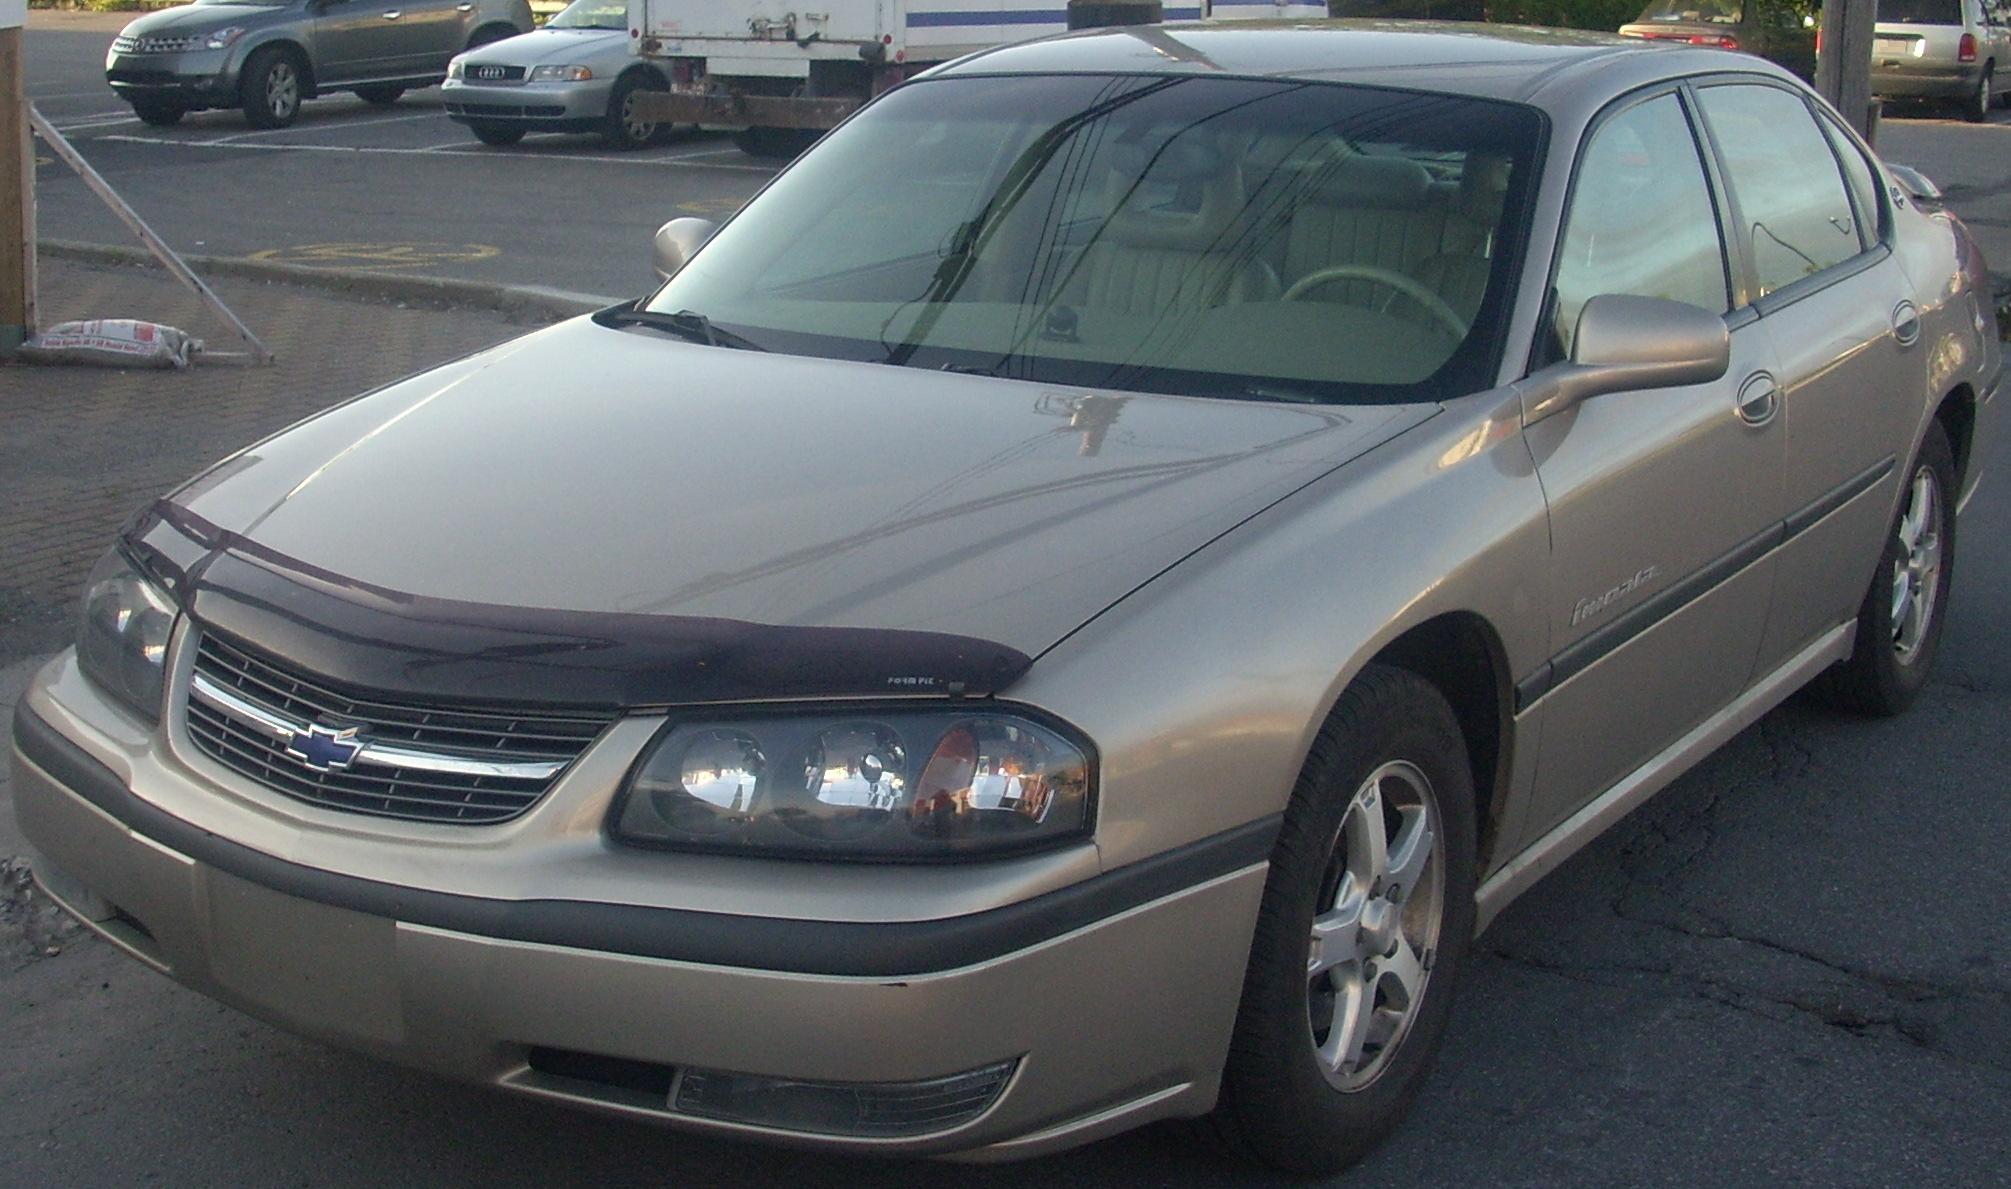 2002 Chevrolet Impala #16 Chevrolet Impala #16